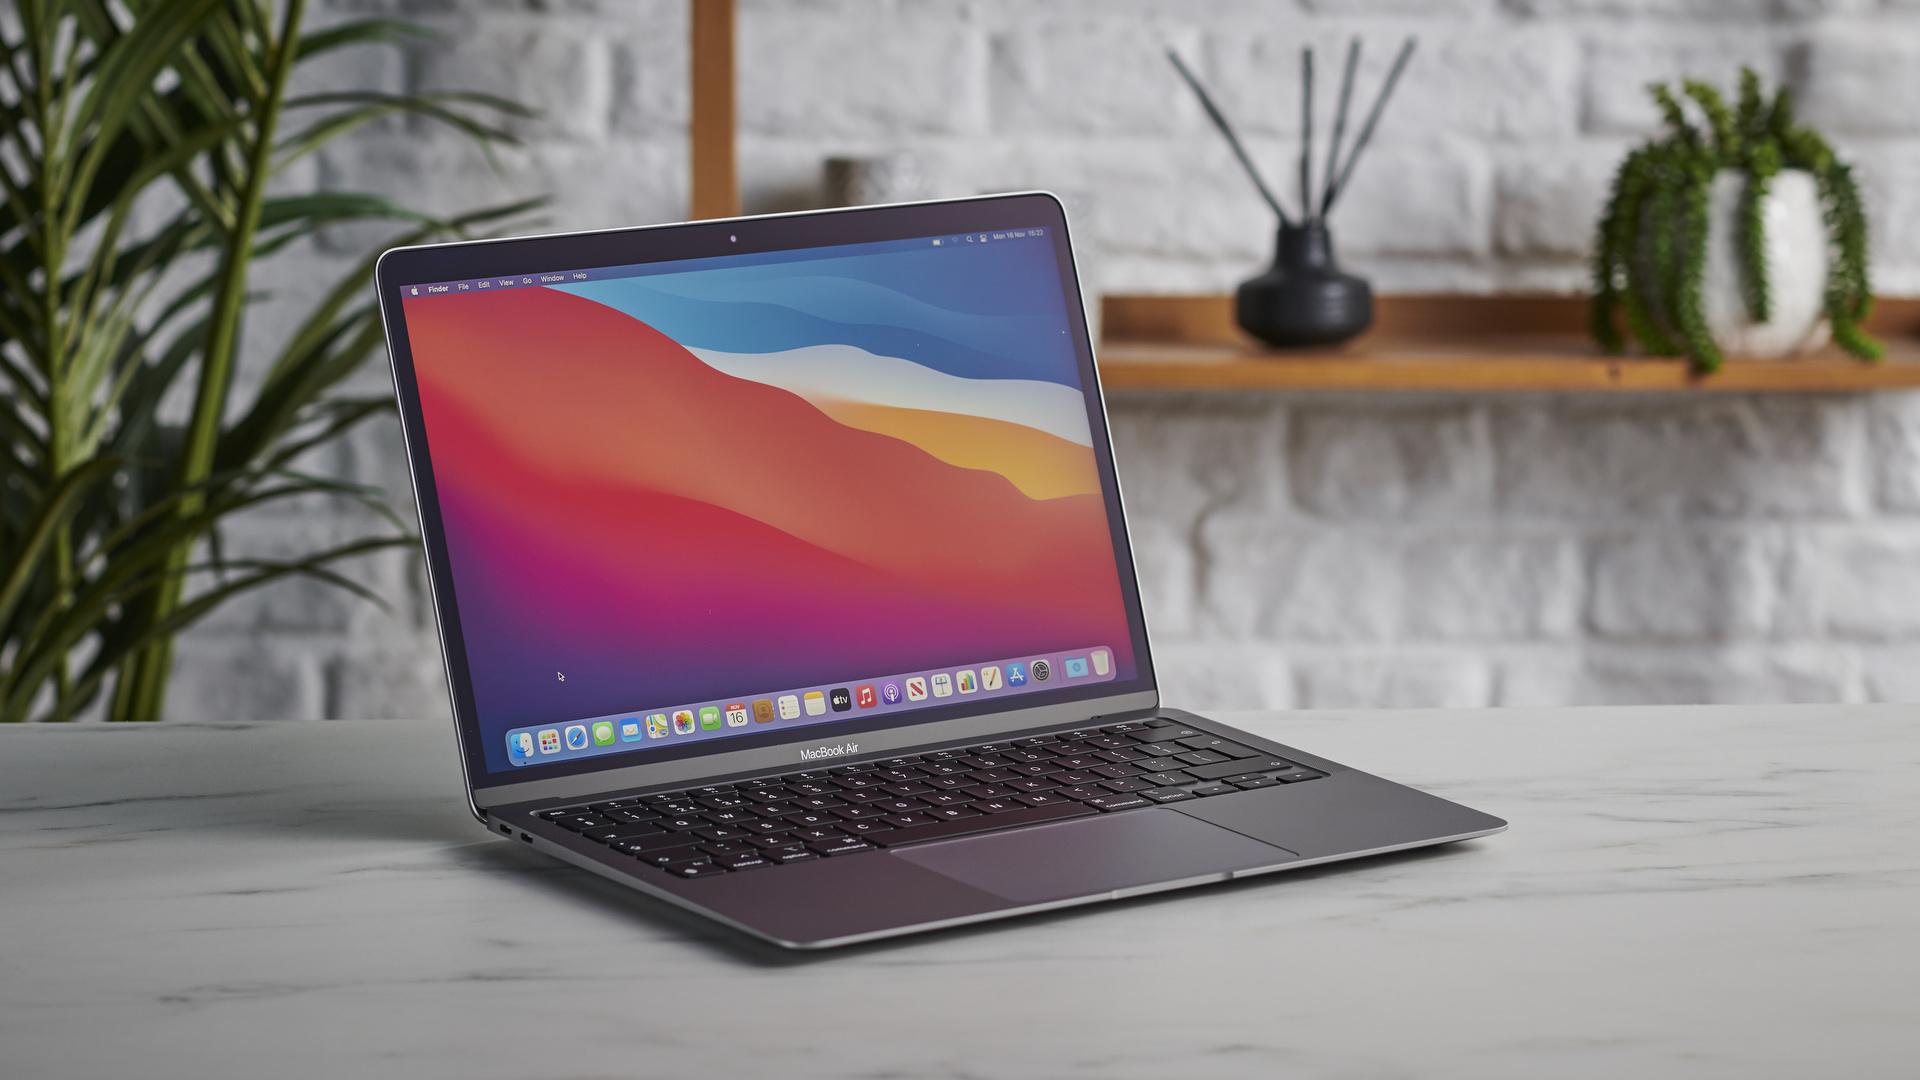 Set trước MacBook Air |  MacBook Pro 2020 M1 |  Hoàng Hà Mobile